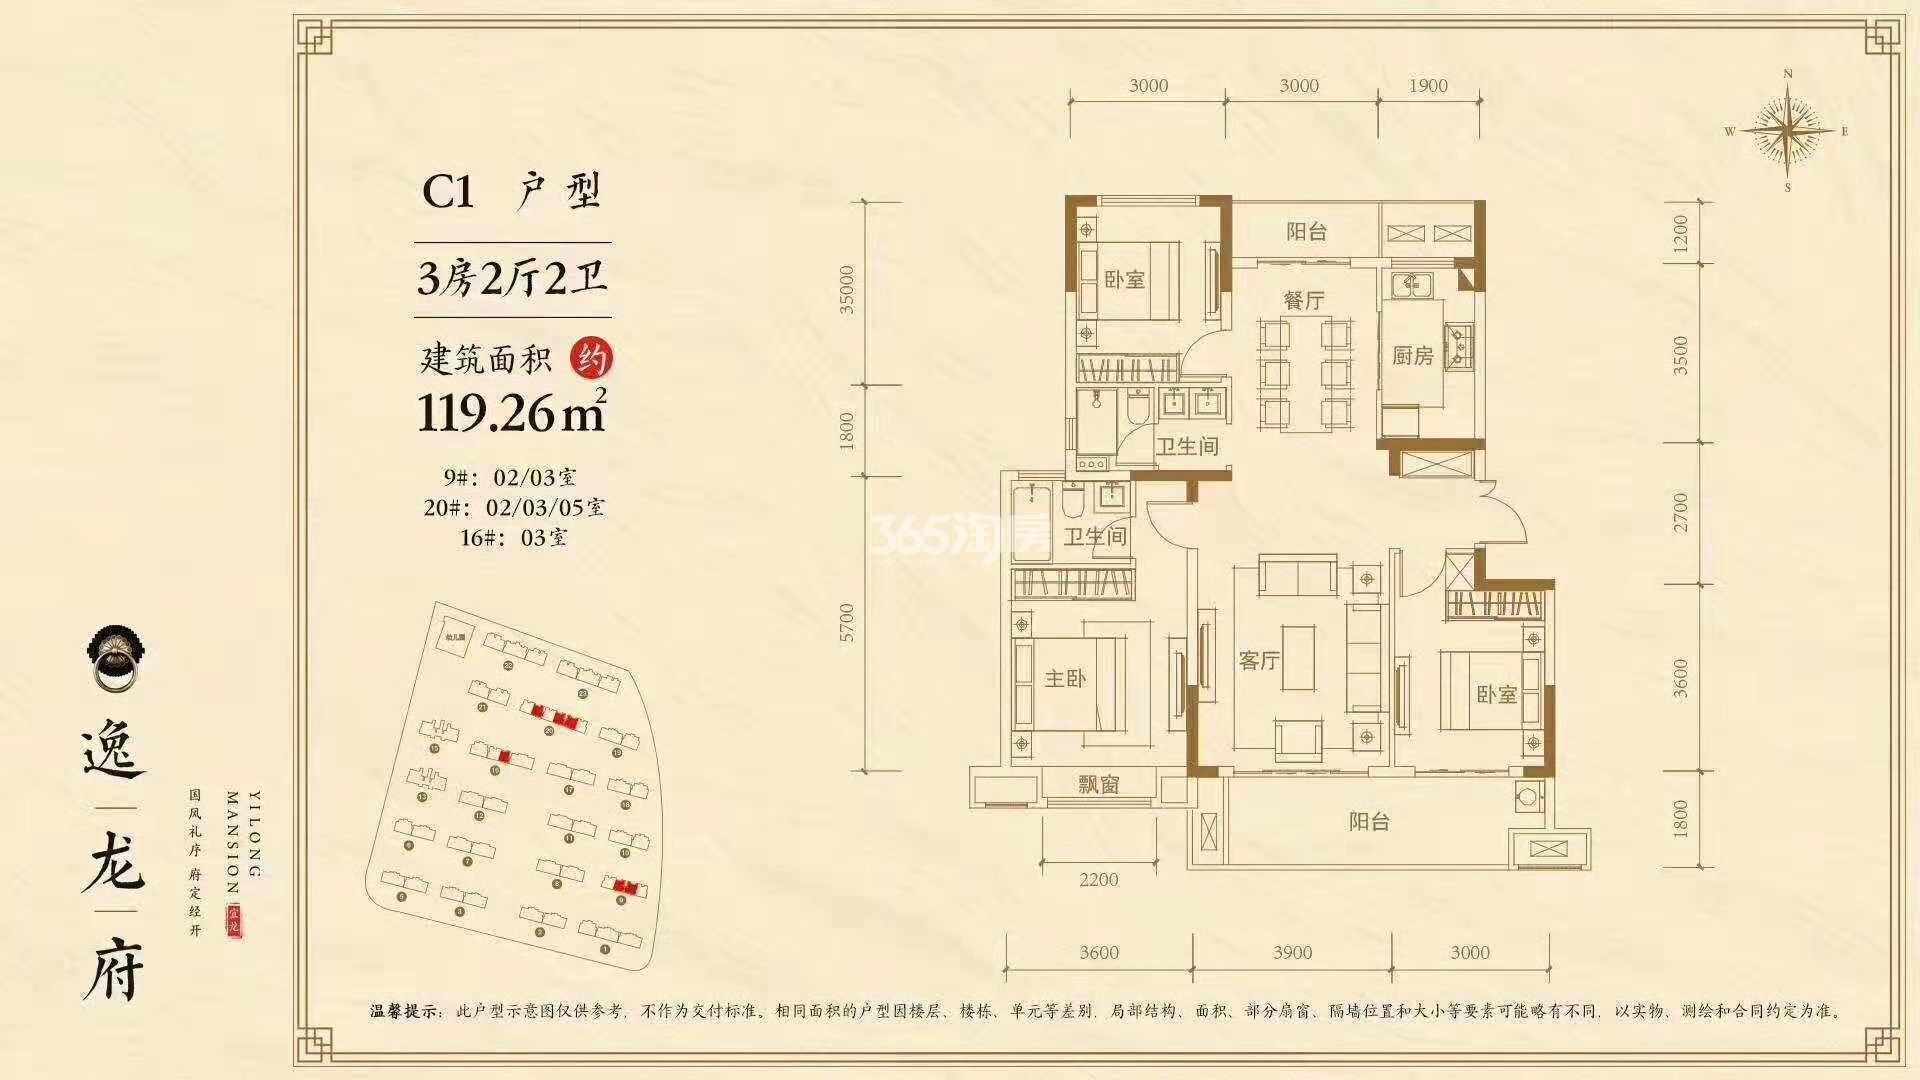 C1户型 3室2厅2卫 119.26㎡